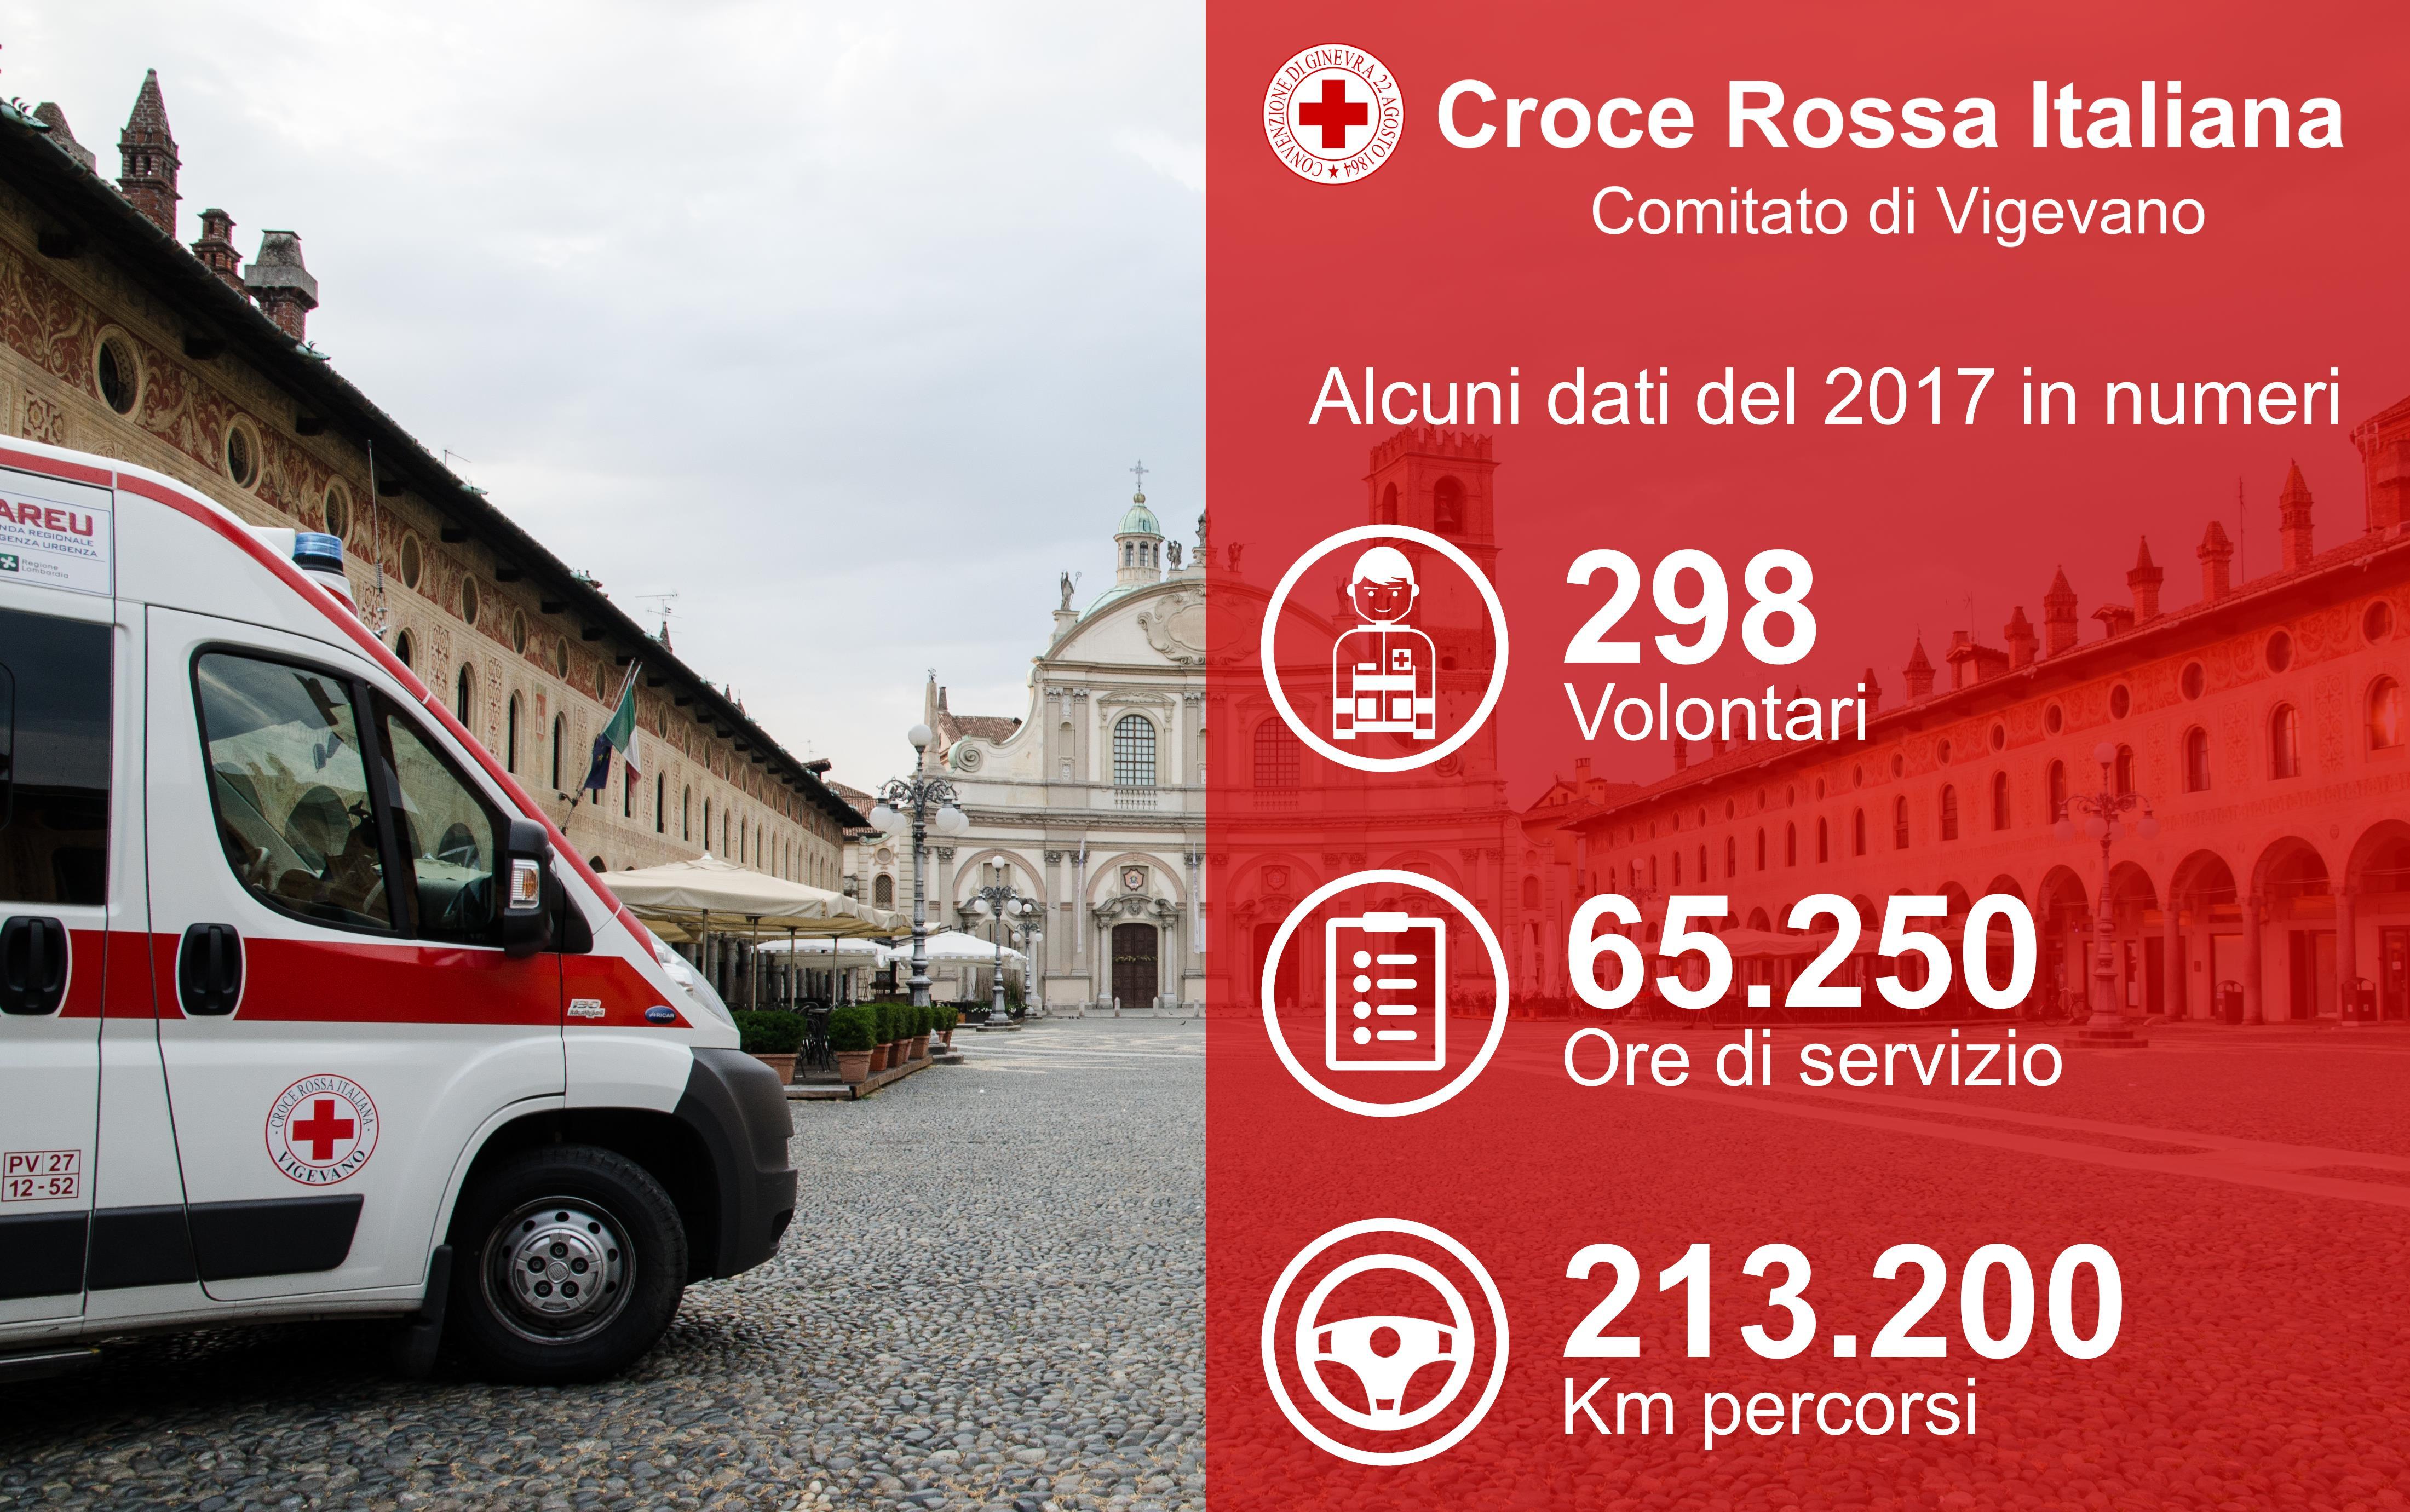 Croce Rossa Italiana Comitato di Vigevano